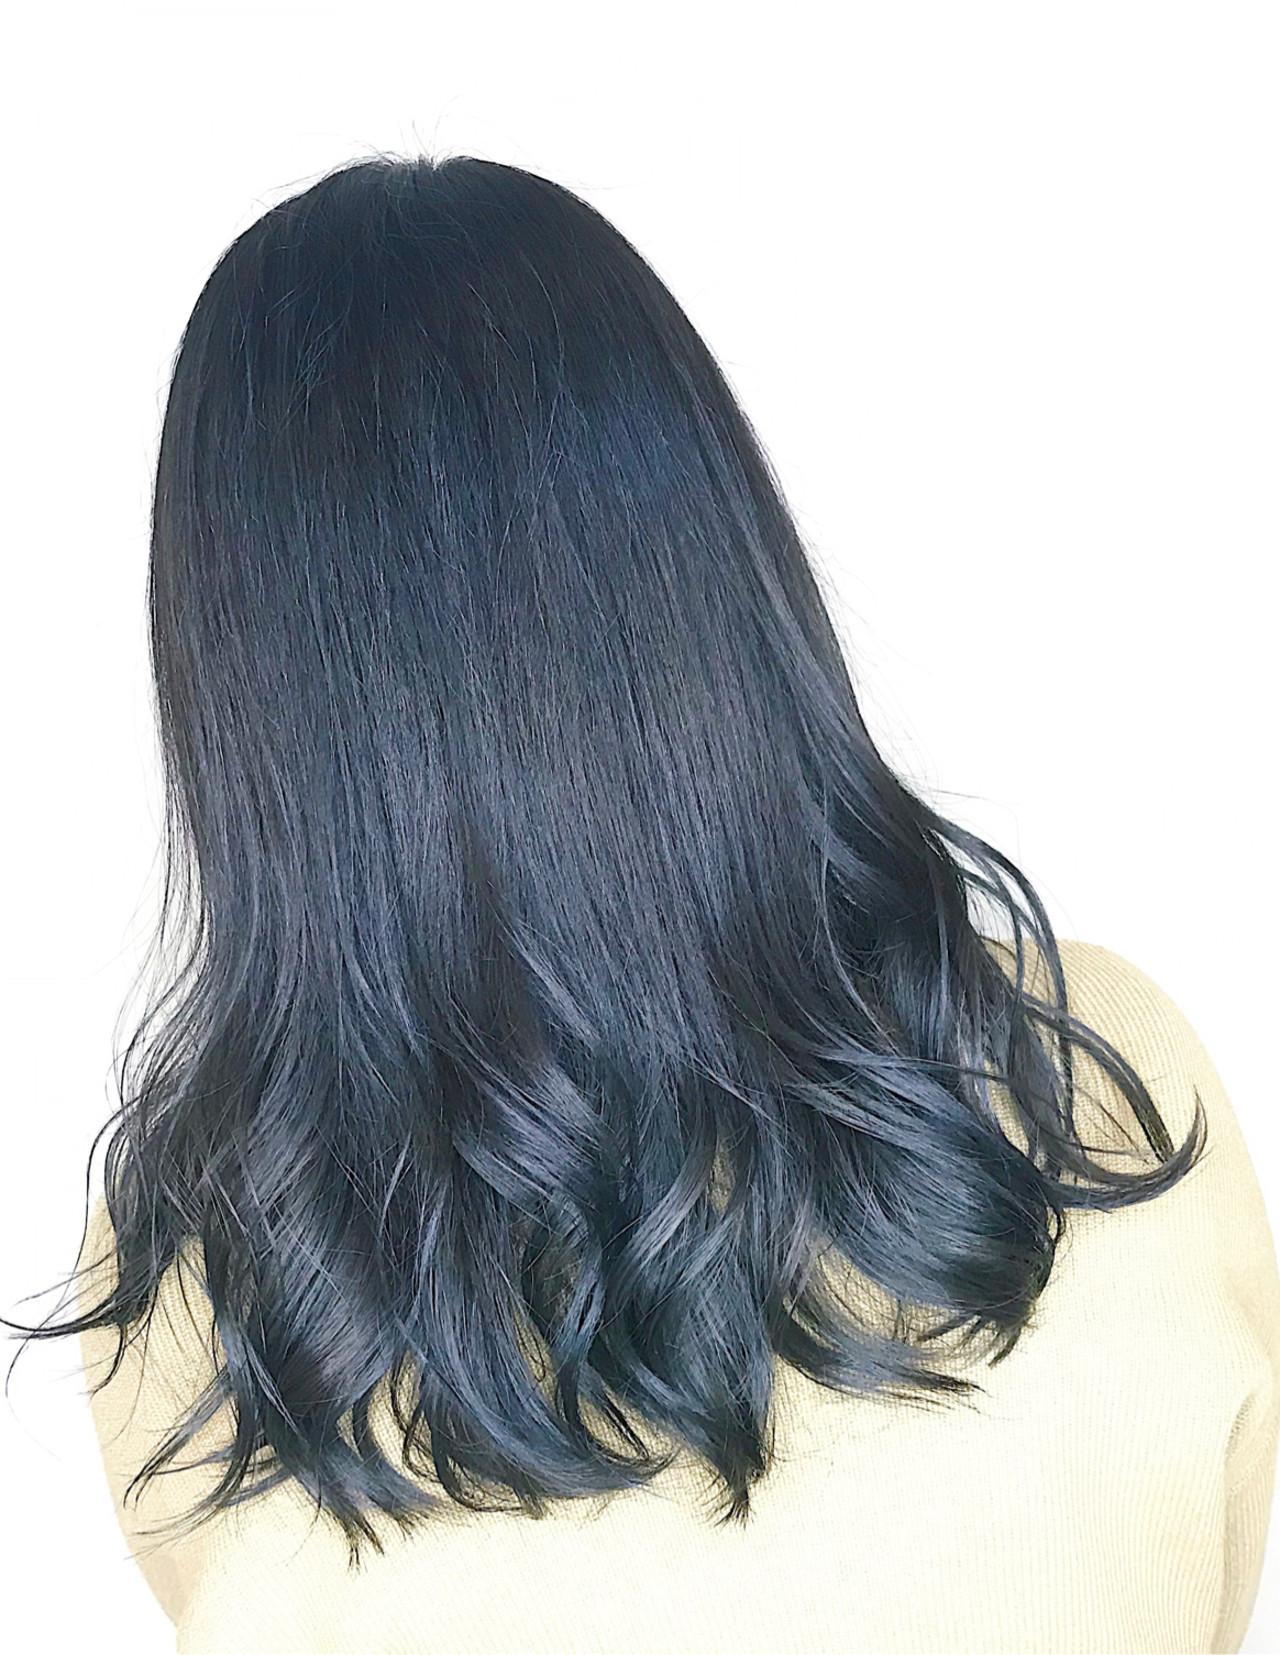 ナチュラル ネイビー ブルーブラック ネイビーブルー ヘアスタイルや髪型の写真・画像